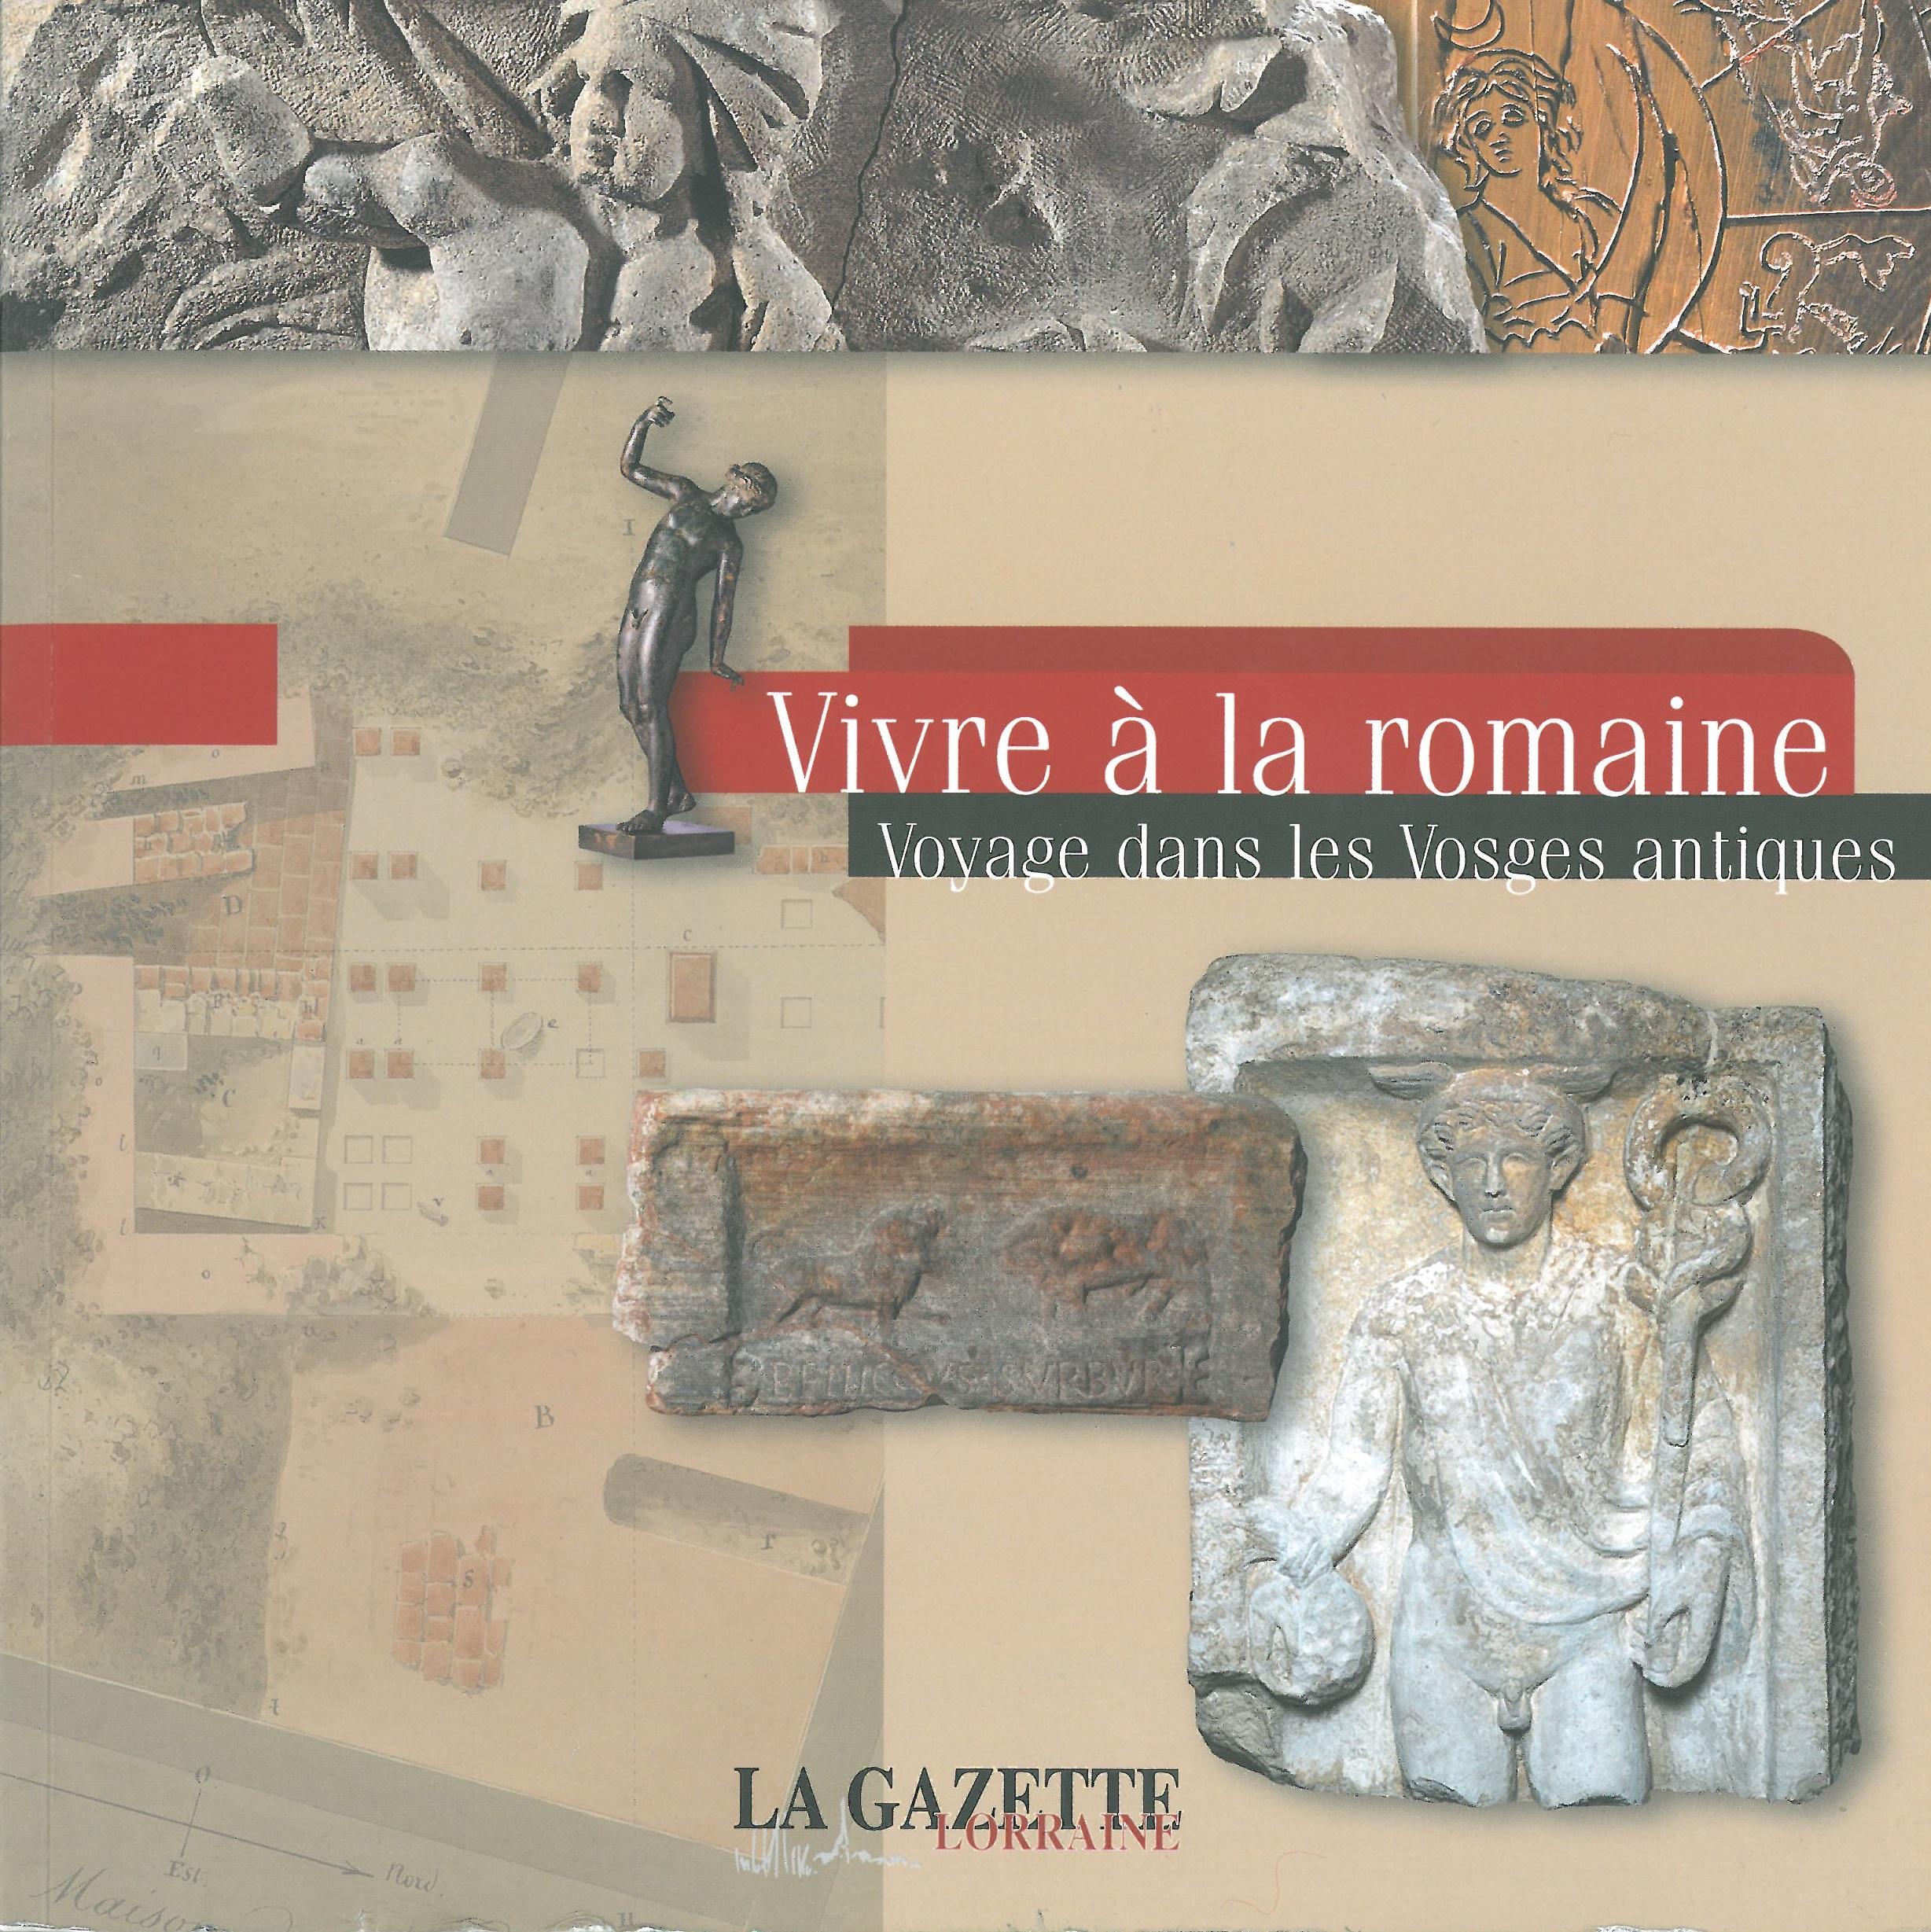 Vivre à la romaine 2014